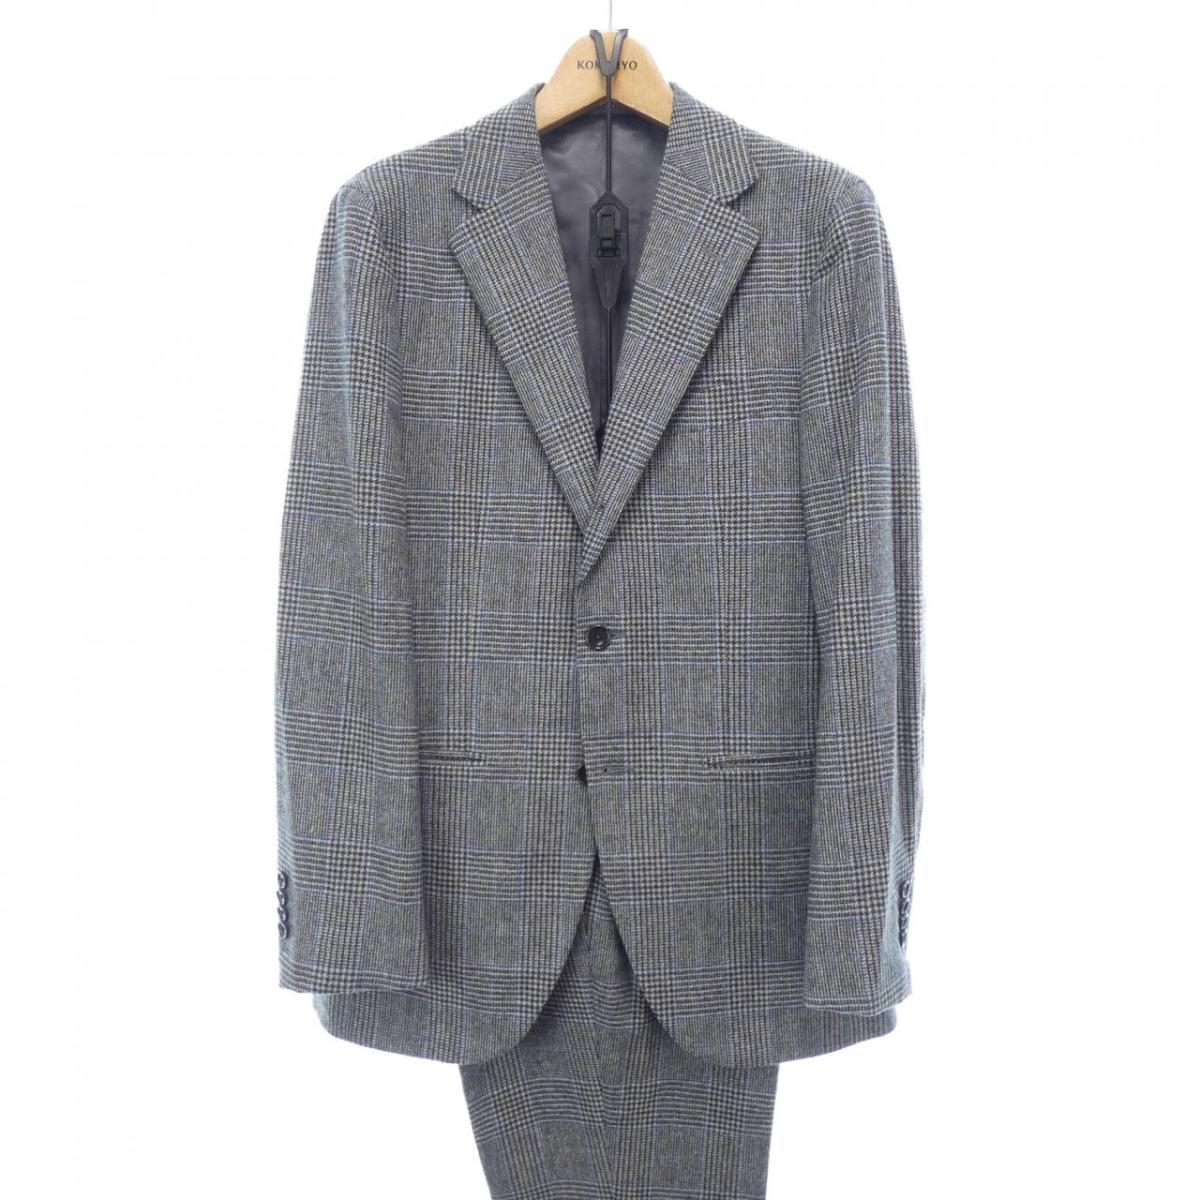 ビームスエフ 価格 交渉 送料無料 BEAMS 気質アップ F 中古 スーツ